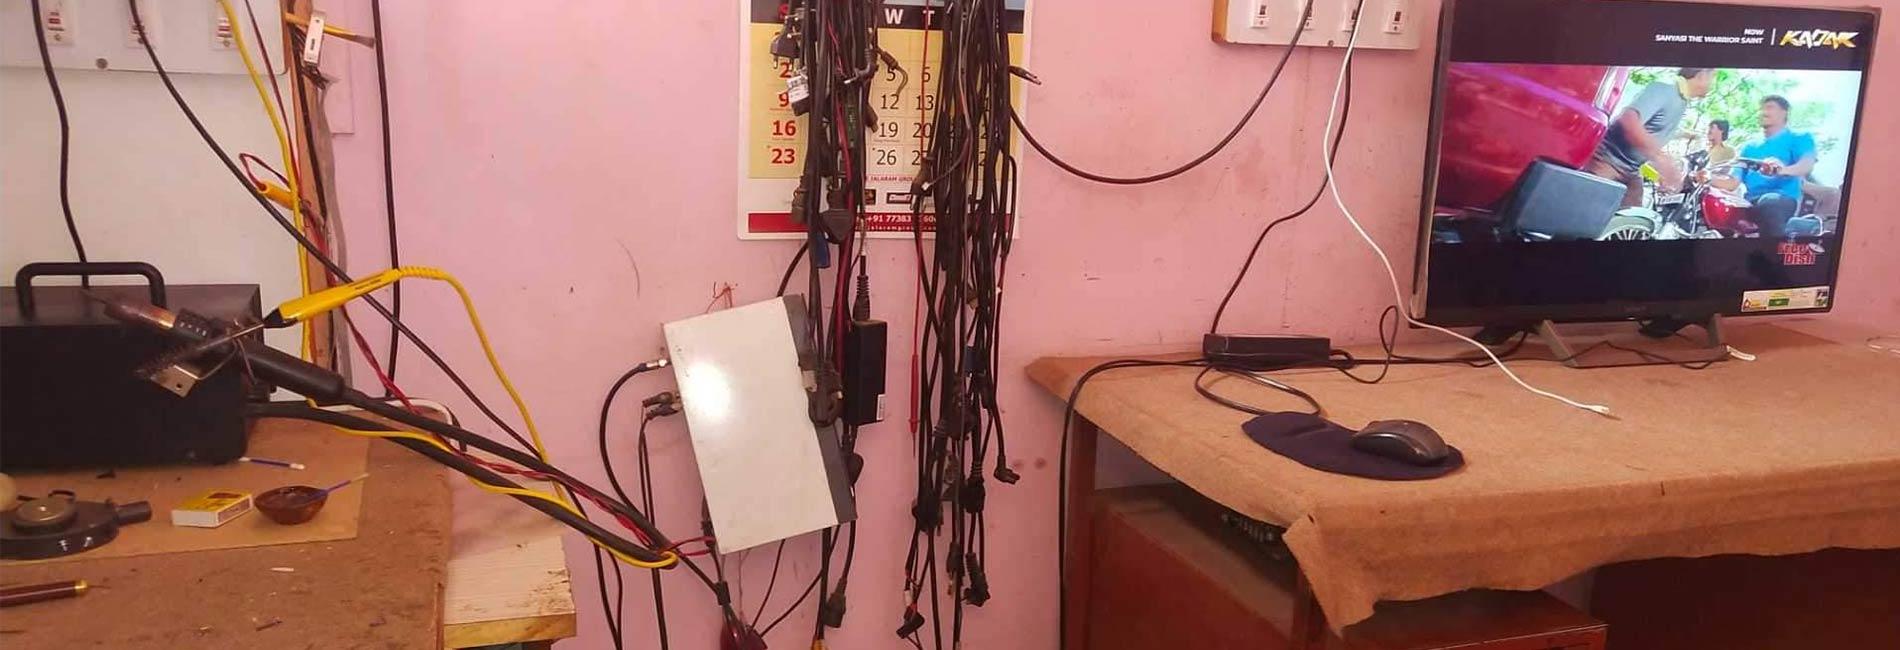 PLASMA TV REPAIR IN GURGAON